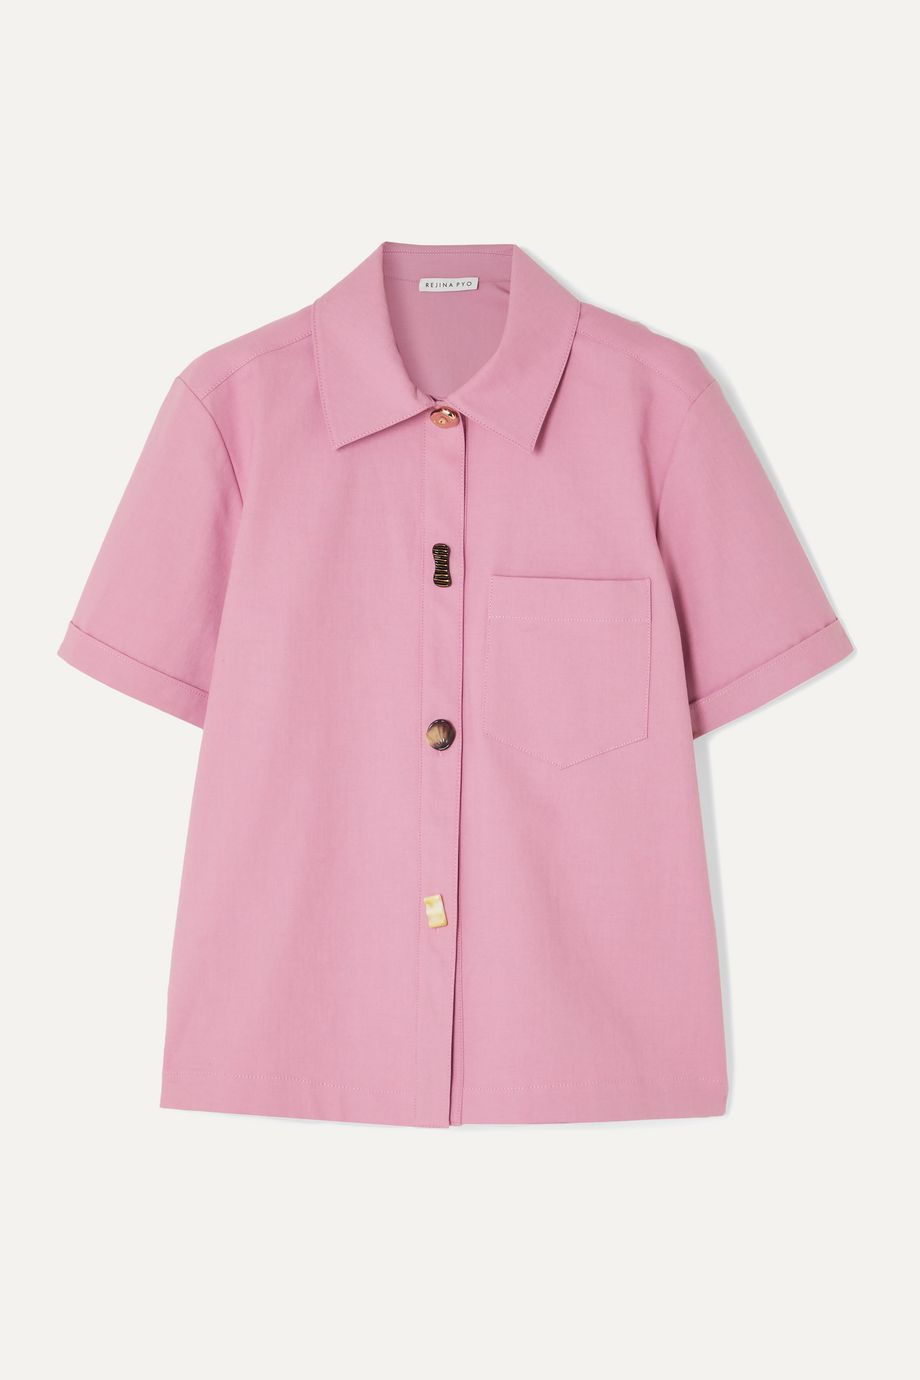 REJINA PYO Nico Hemd aus Twill aus einer Baumwollmischung mit Knöpfen